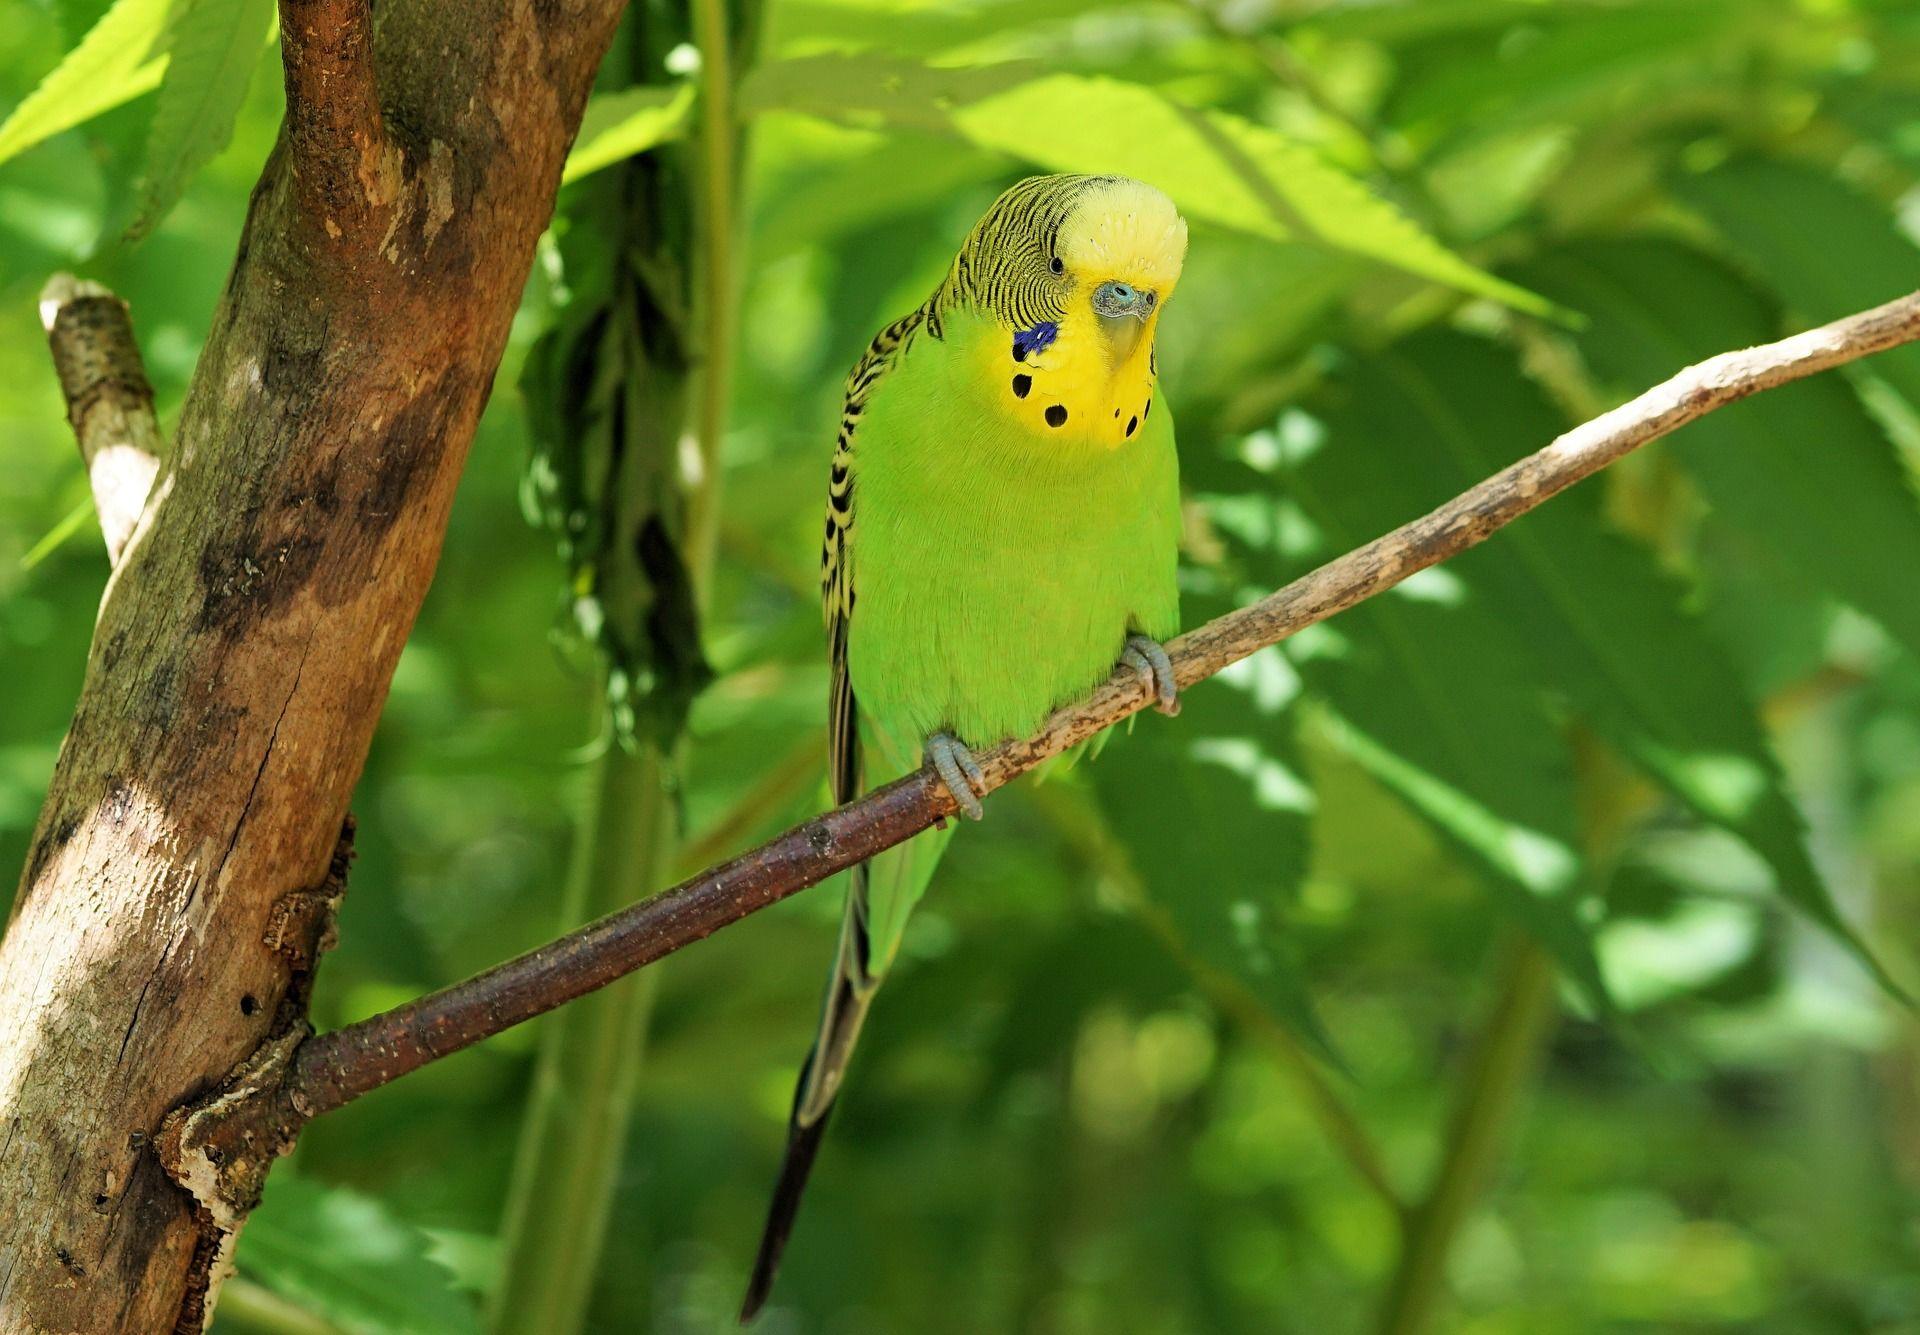 Смотреть лучшее фото волнистого попугая бесплатно